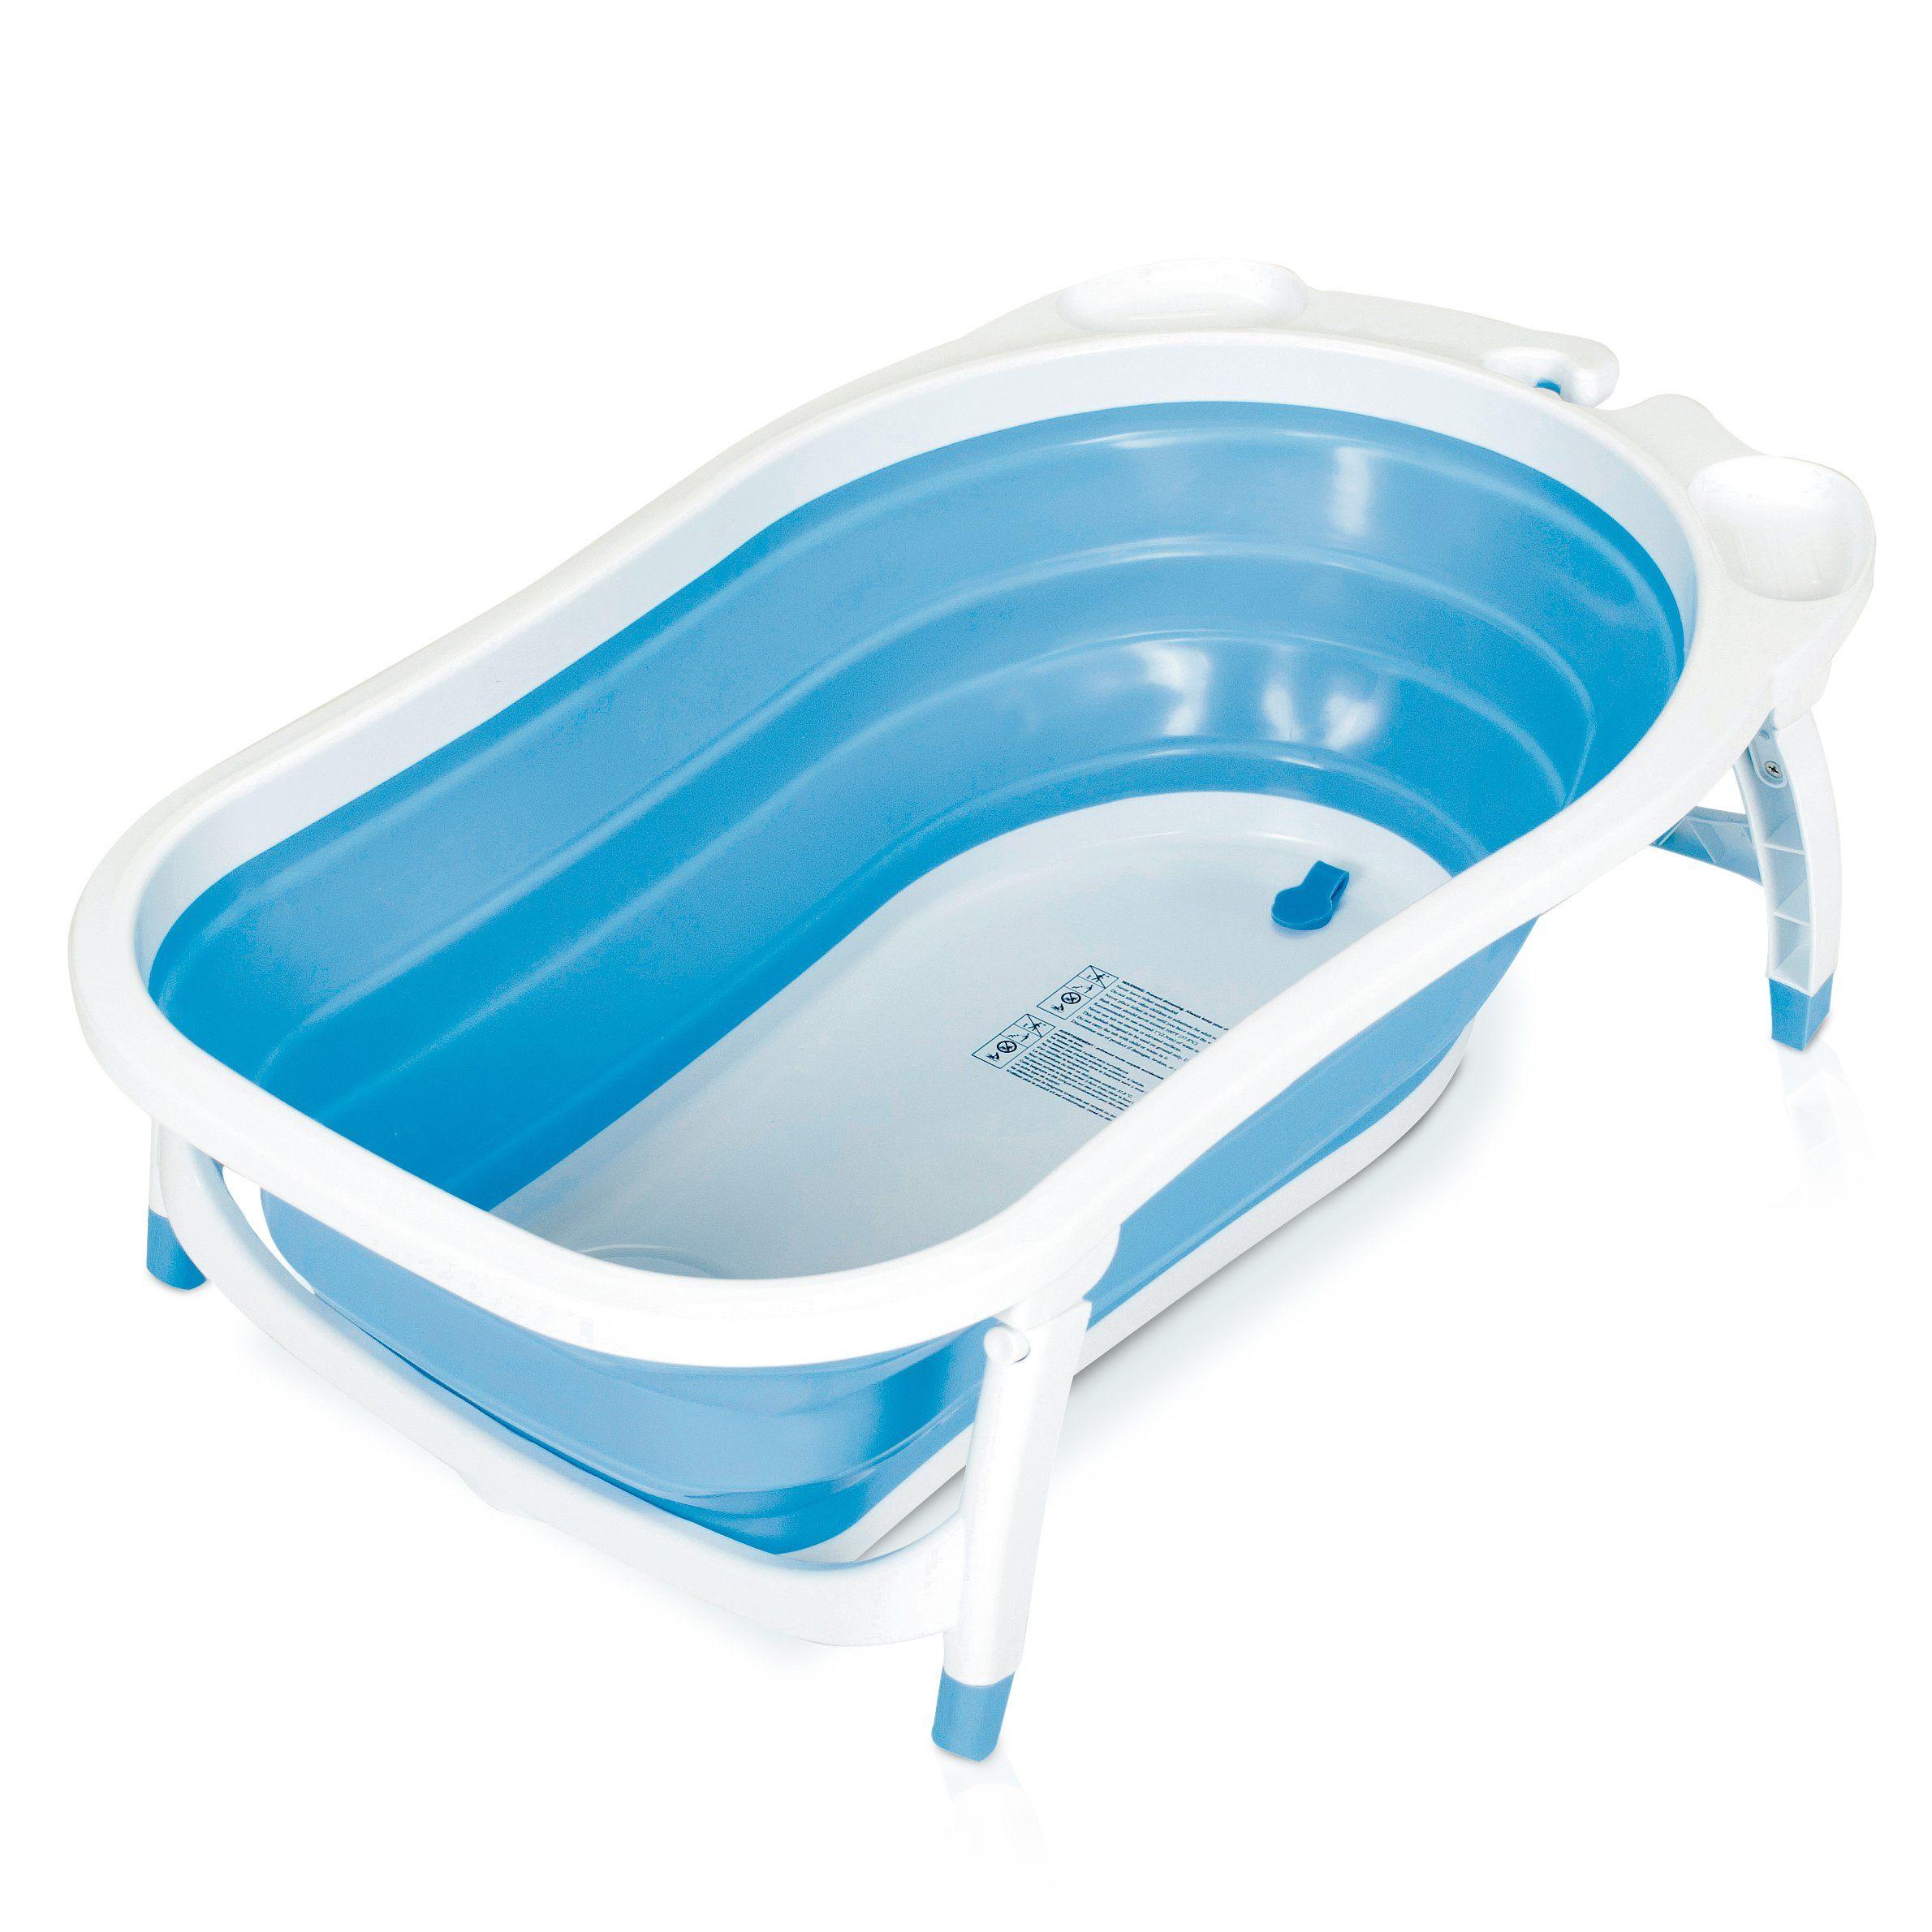 Baby Trend Karibu Folding Bath Tub, Blue/White | RV Baby | Pinterest